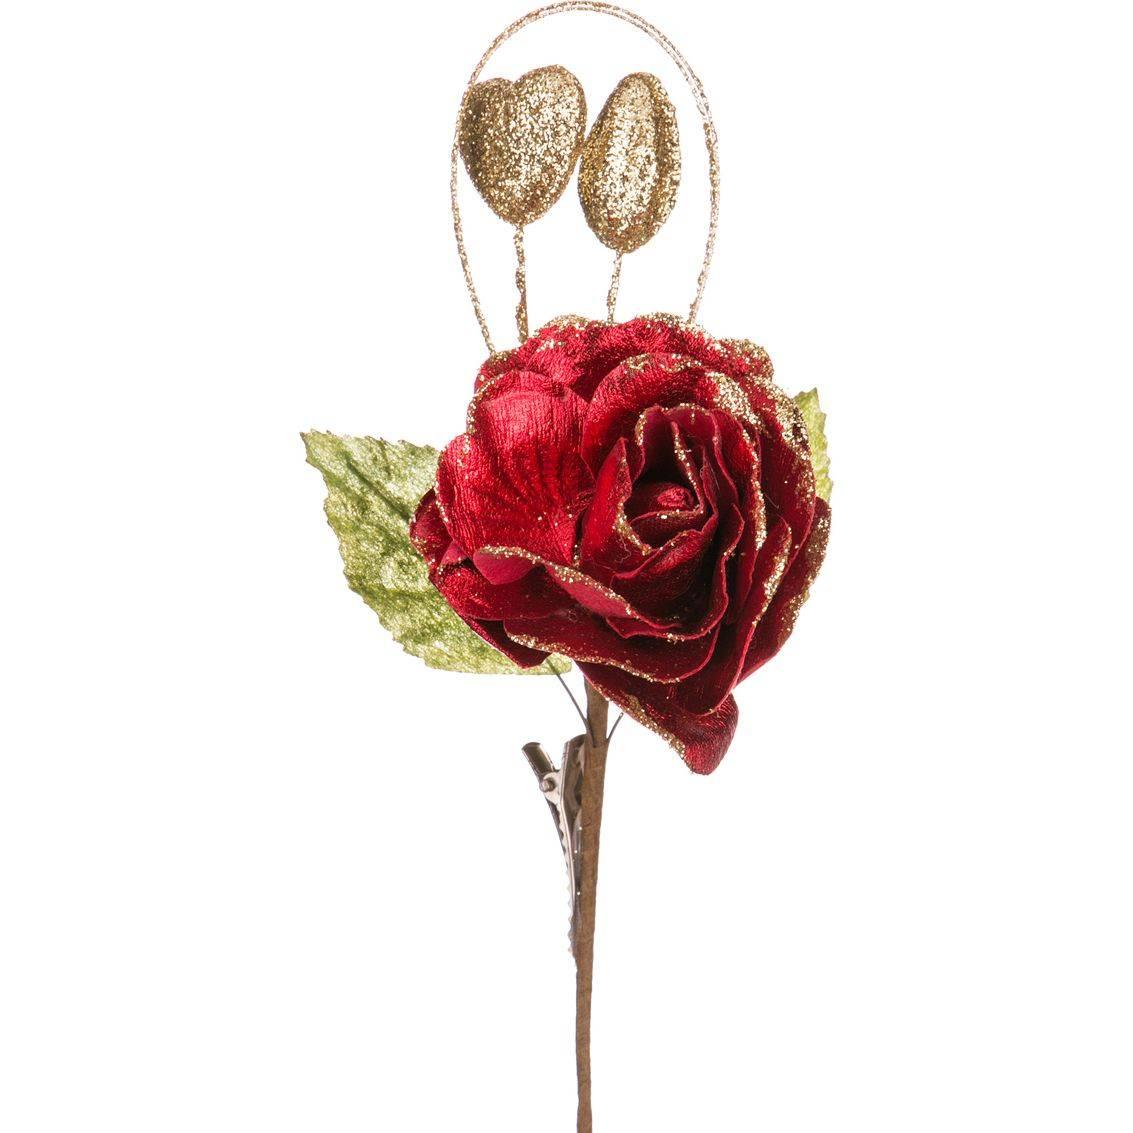 cd442f48c14b Упаковка, пакеты, открытки, цветы    Цветы, букеты, украшения, гирлянды     Искусственные цветы    ЦВЕТОК ИСКУССТВЕННЫЙ